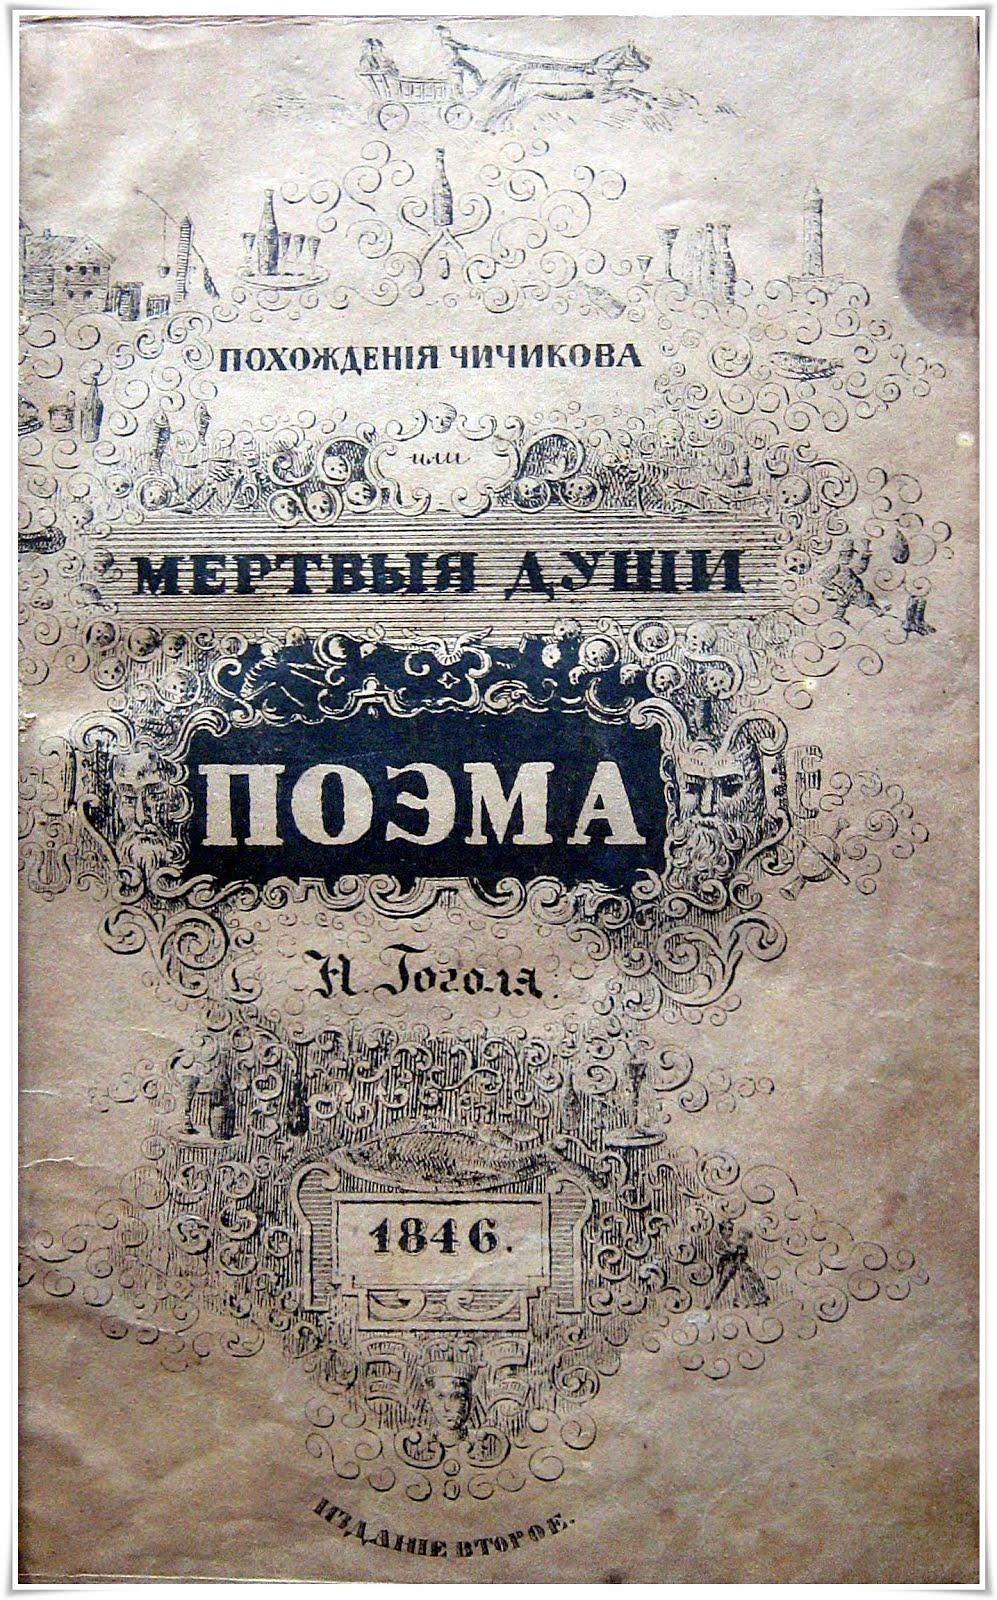 Похождения Чичикова, или Мертвые души : поэма. – 2-е изд. – М. : в Унив. тип., 1846. – 471 с.